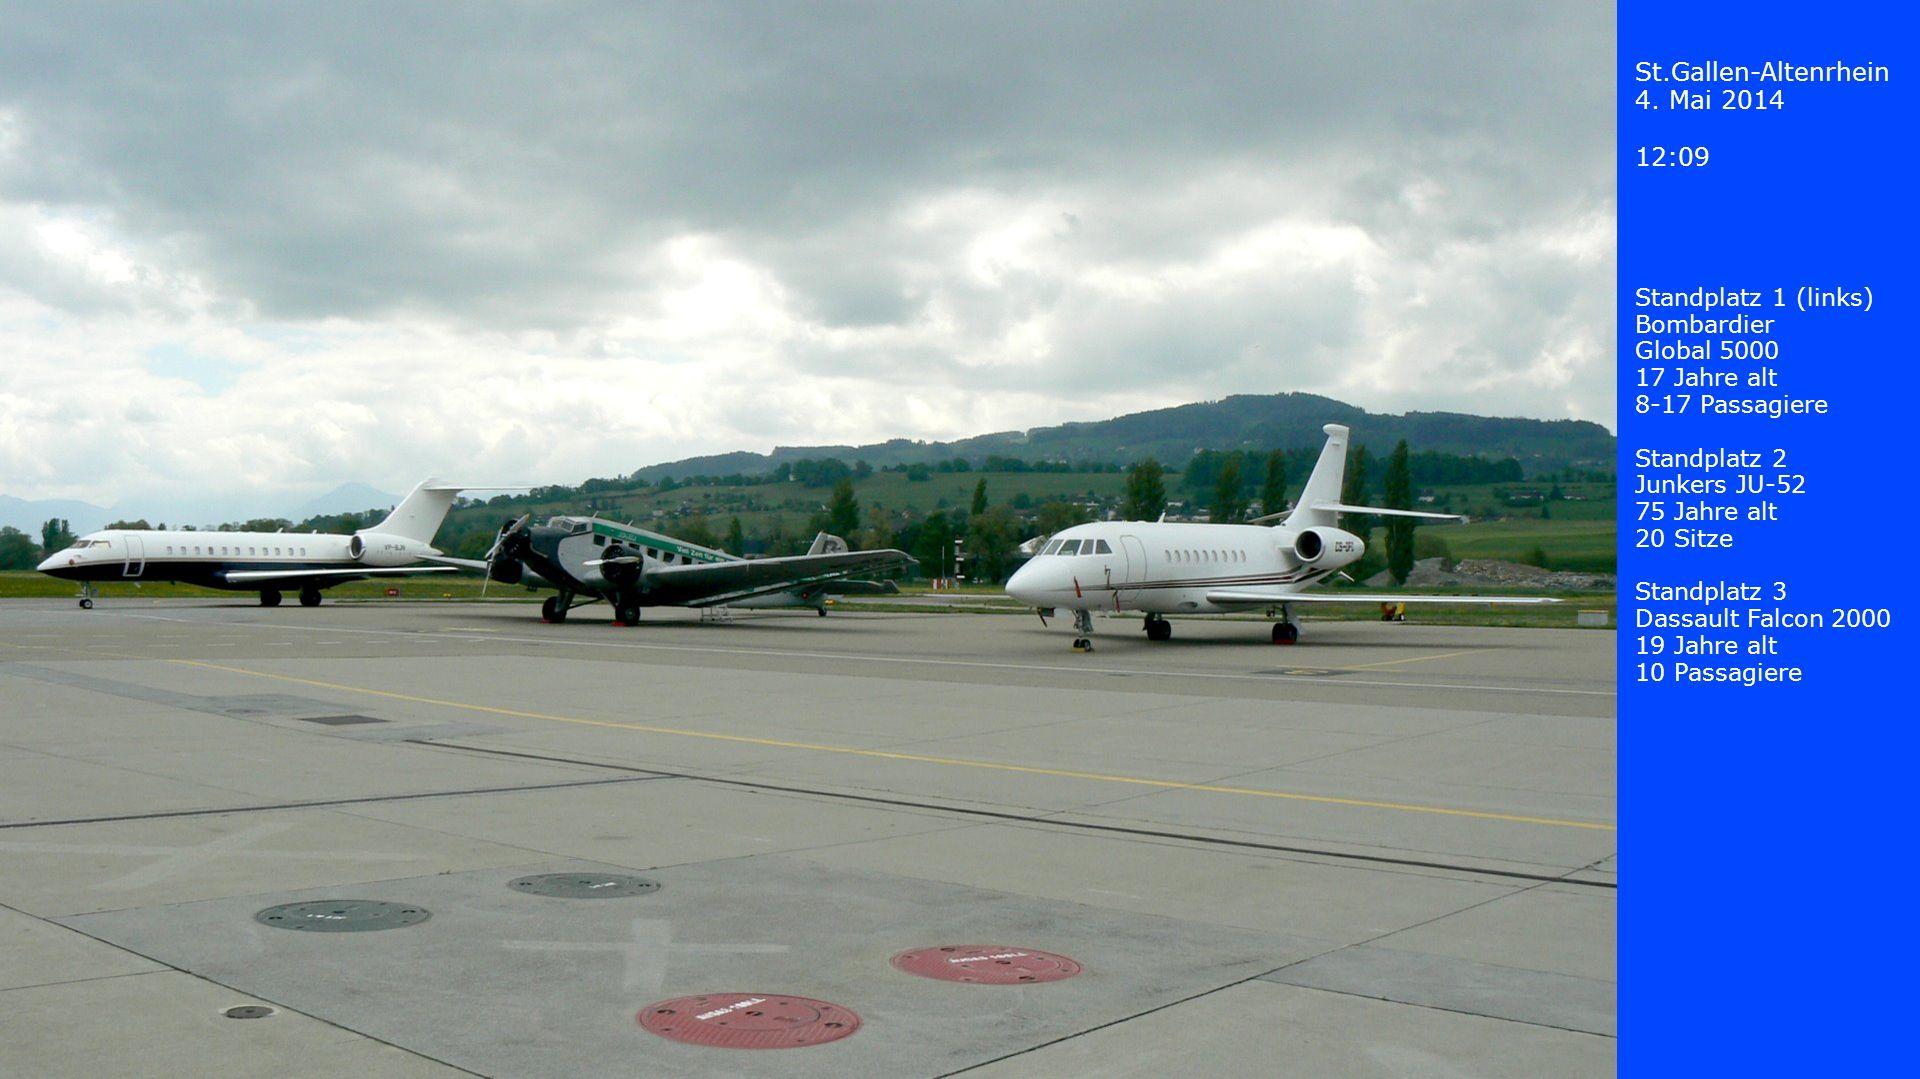 St.Gallen-Altenrhein 4. Mai 2014 12:09 Standplatz 1 (links) Bombardier